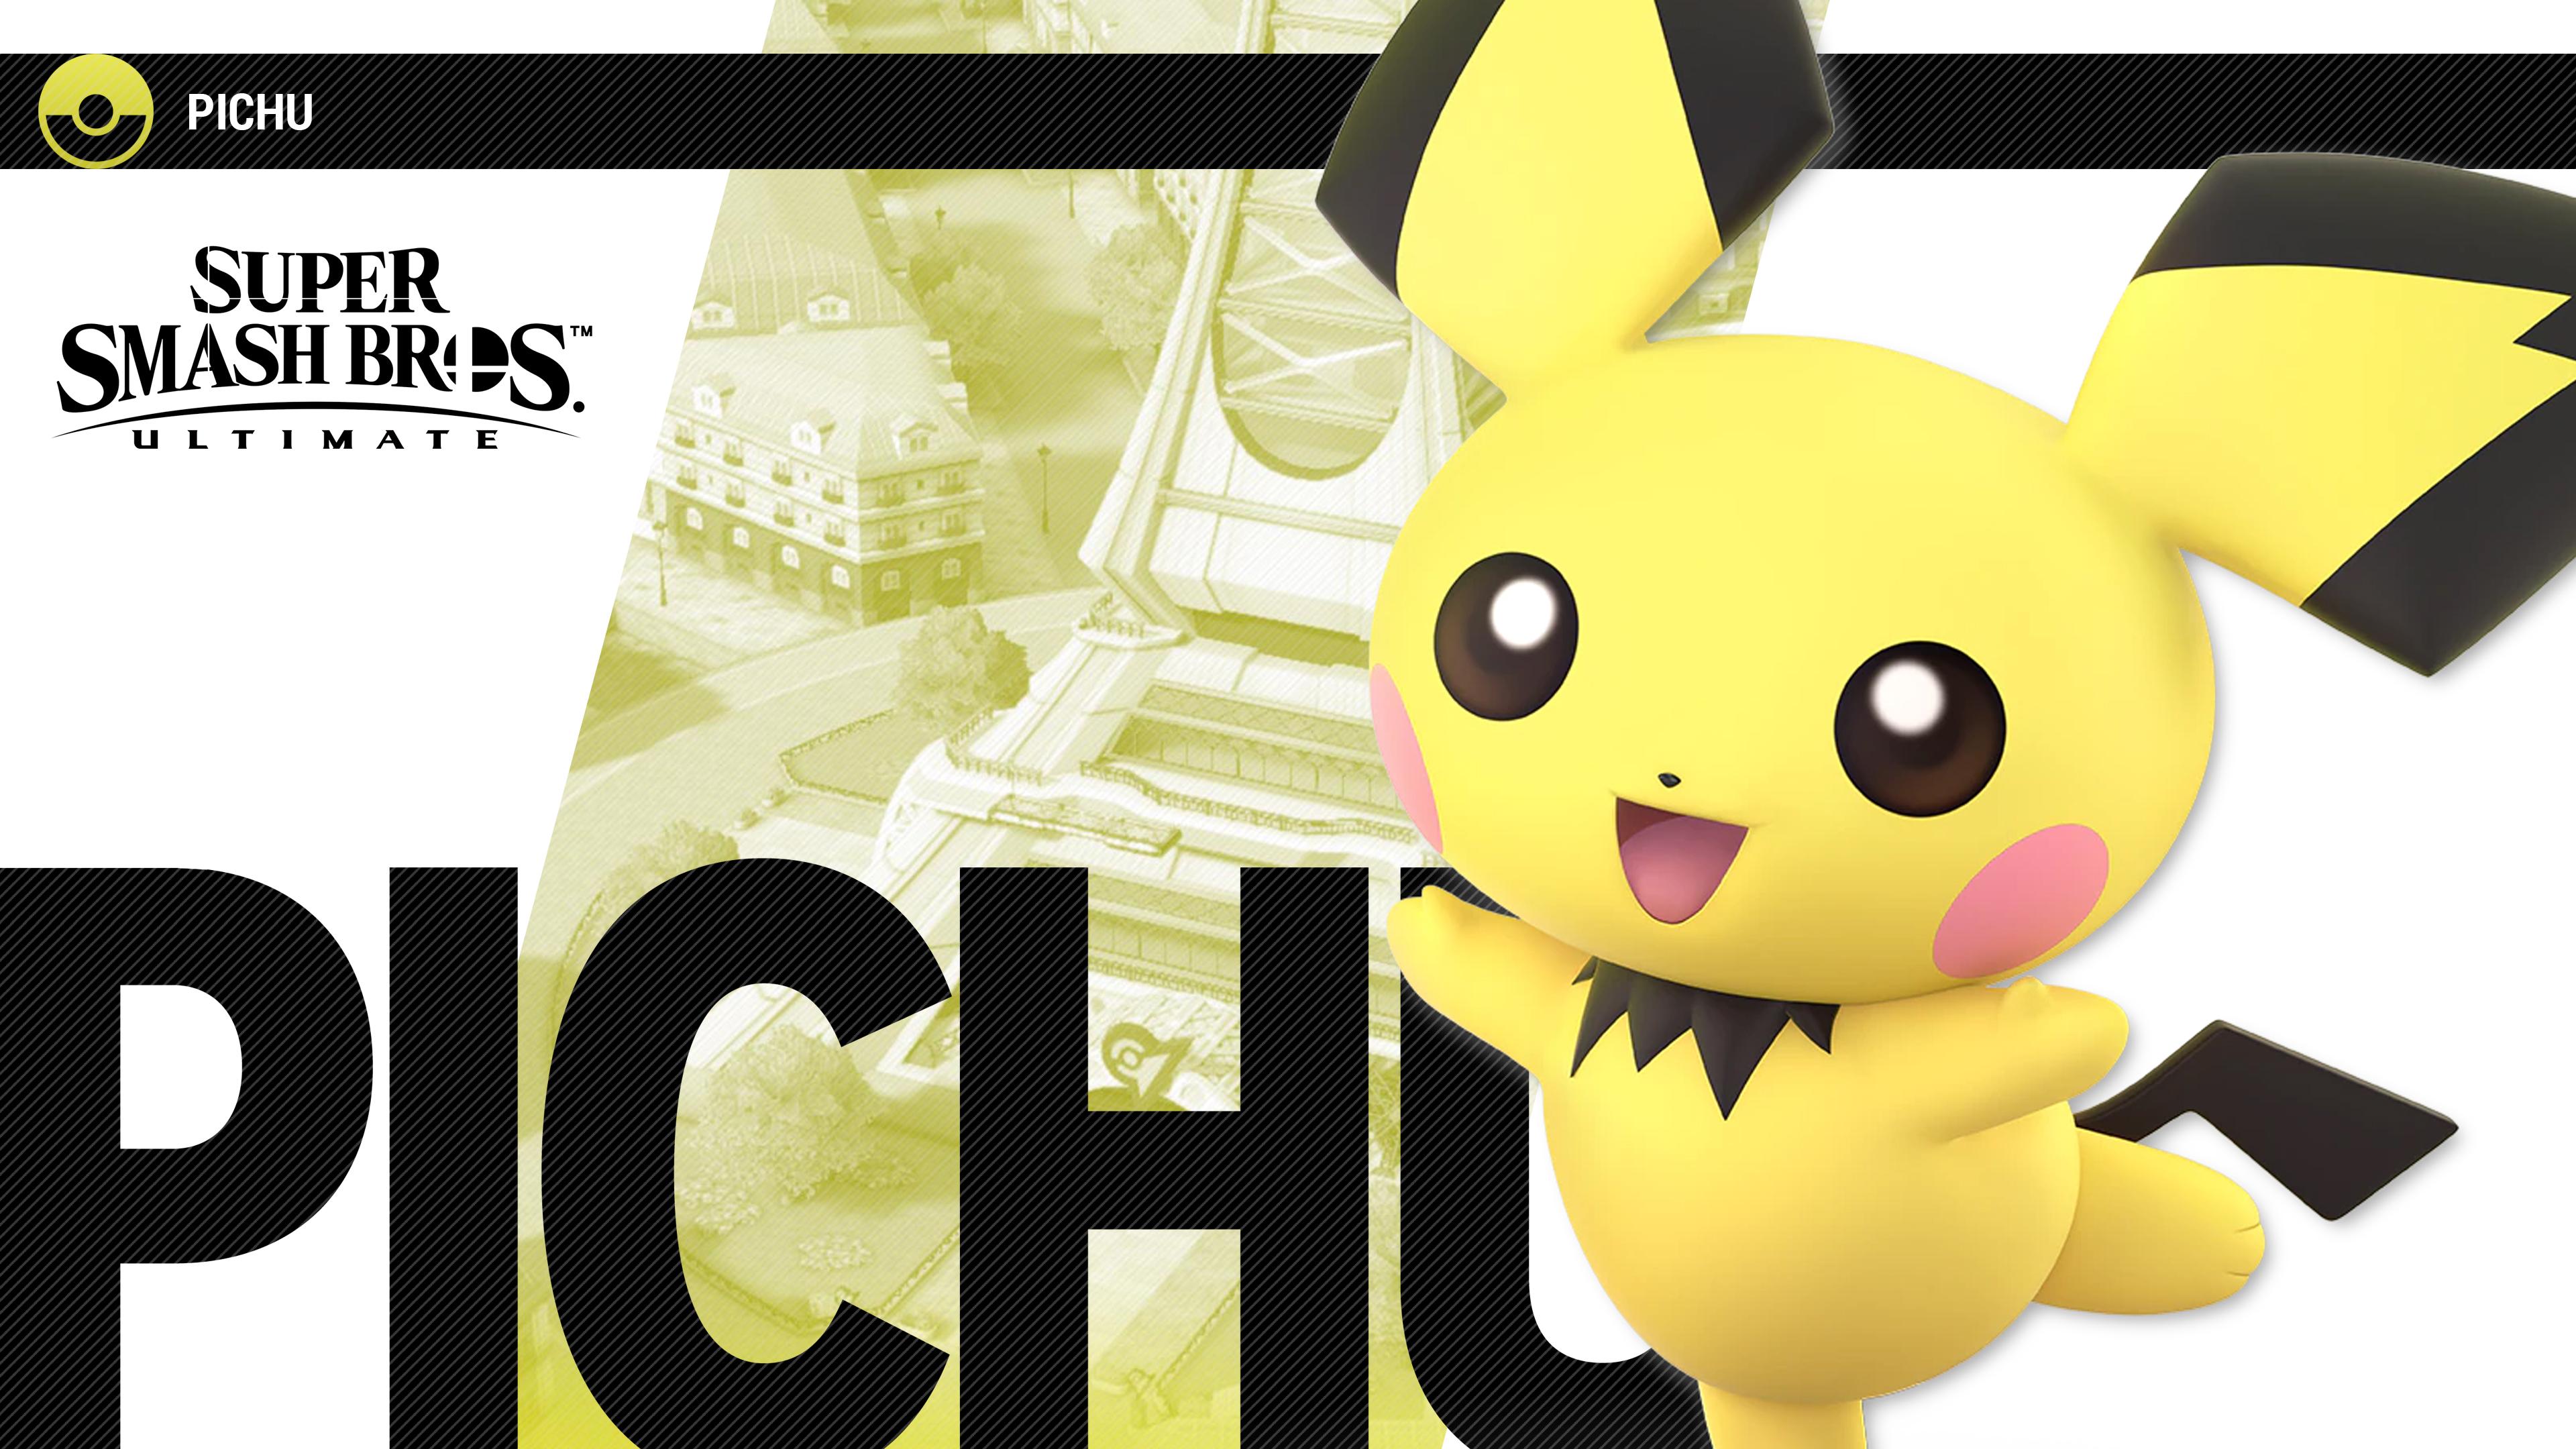 Super Smash Bros Ultimate Pichu - HD Wallpaper